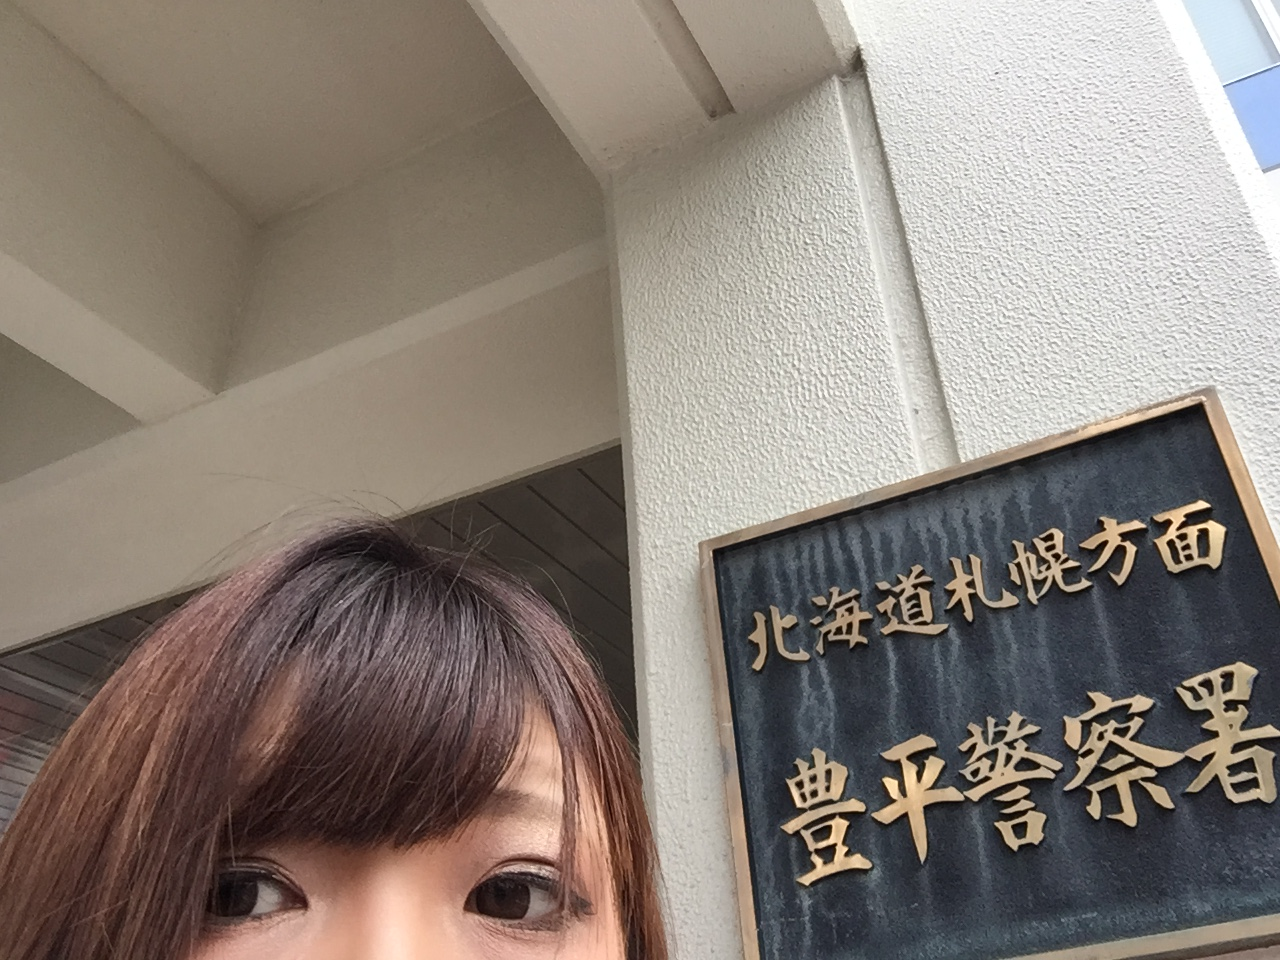 8月30日 水曜日のひとログヽ( 'ω' )ノ キャンピングカー・バスもレンタルできます♬TOMMY_b0127002_16241827.jpg